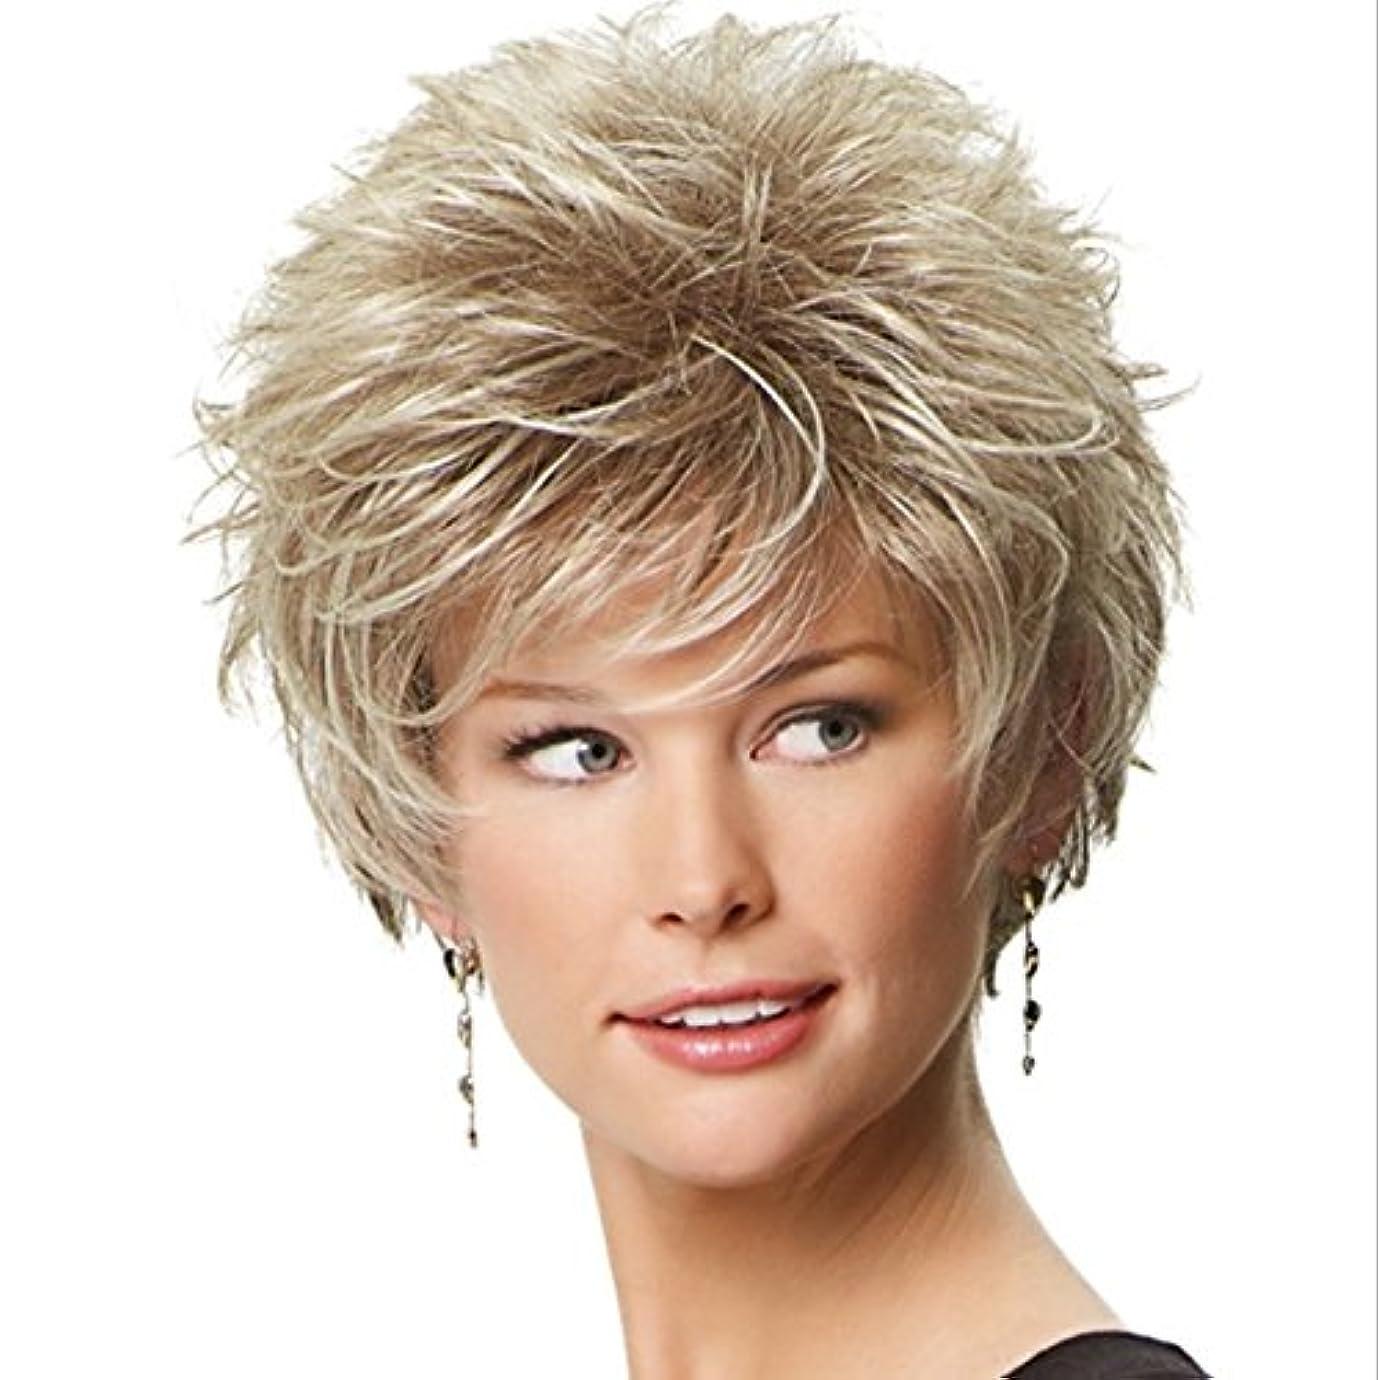 認識薬理学ブラインドDoyvanntgo 女性のための優雅なかつらエアーフラットバンズウィッグとショートカーリーヘアー女性のための耐熱性のあるふわふわウィッグ10inch / 11inch(灰色がかった白、金色) (Color : Golden)